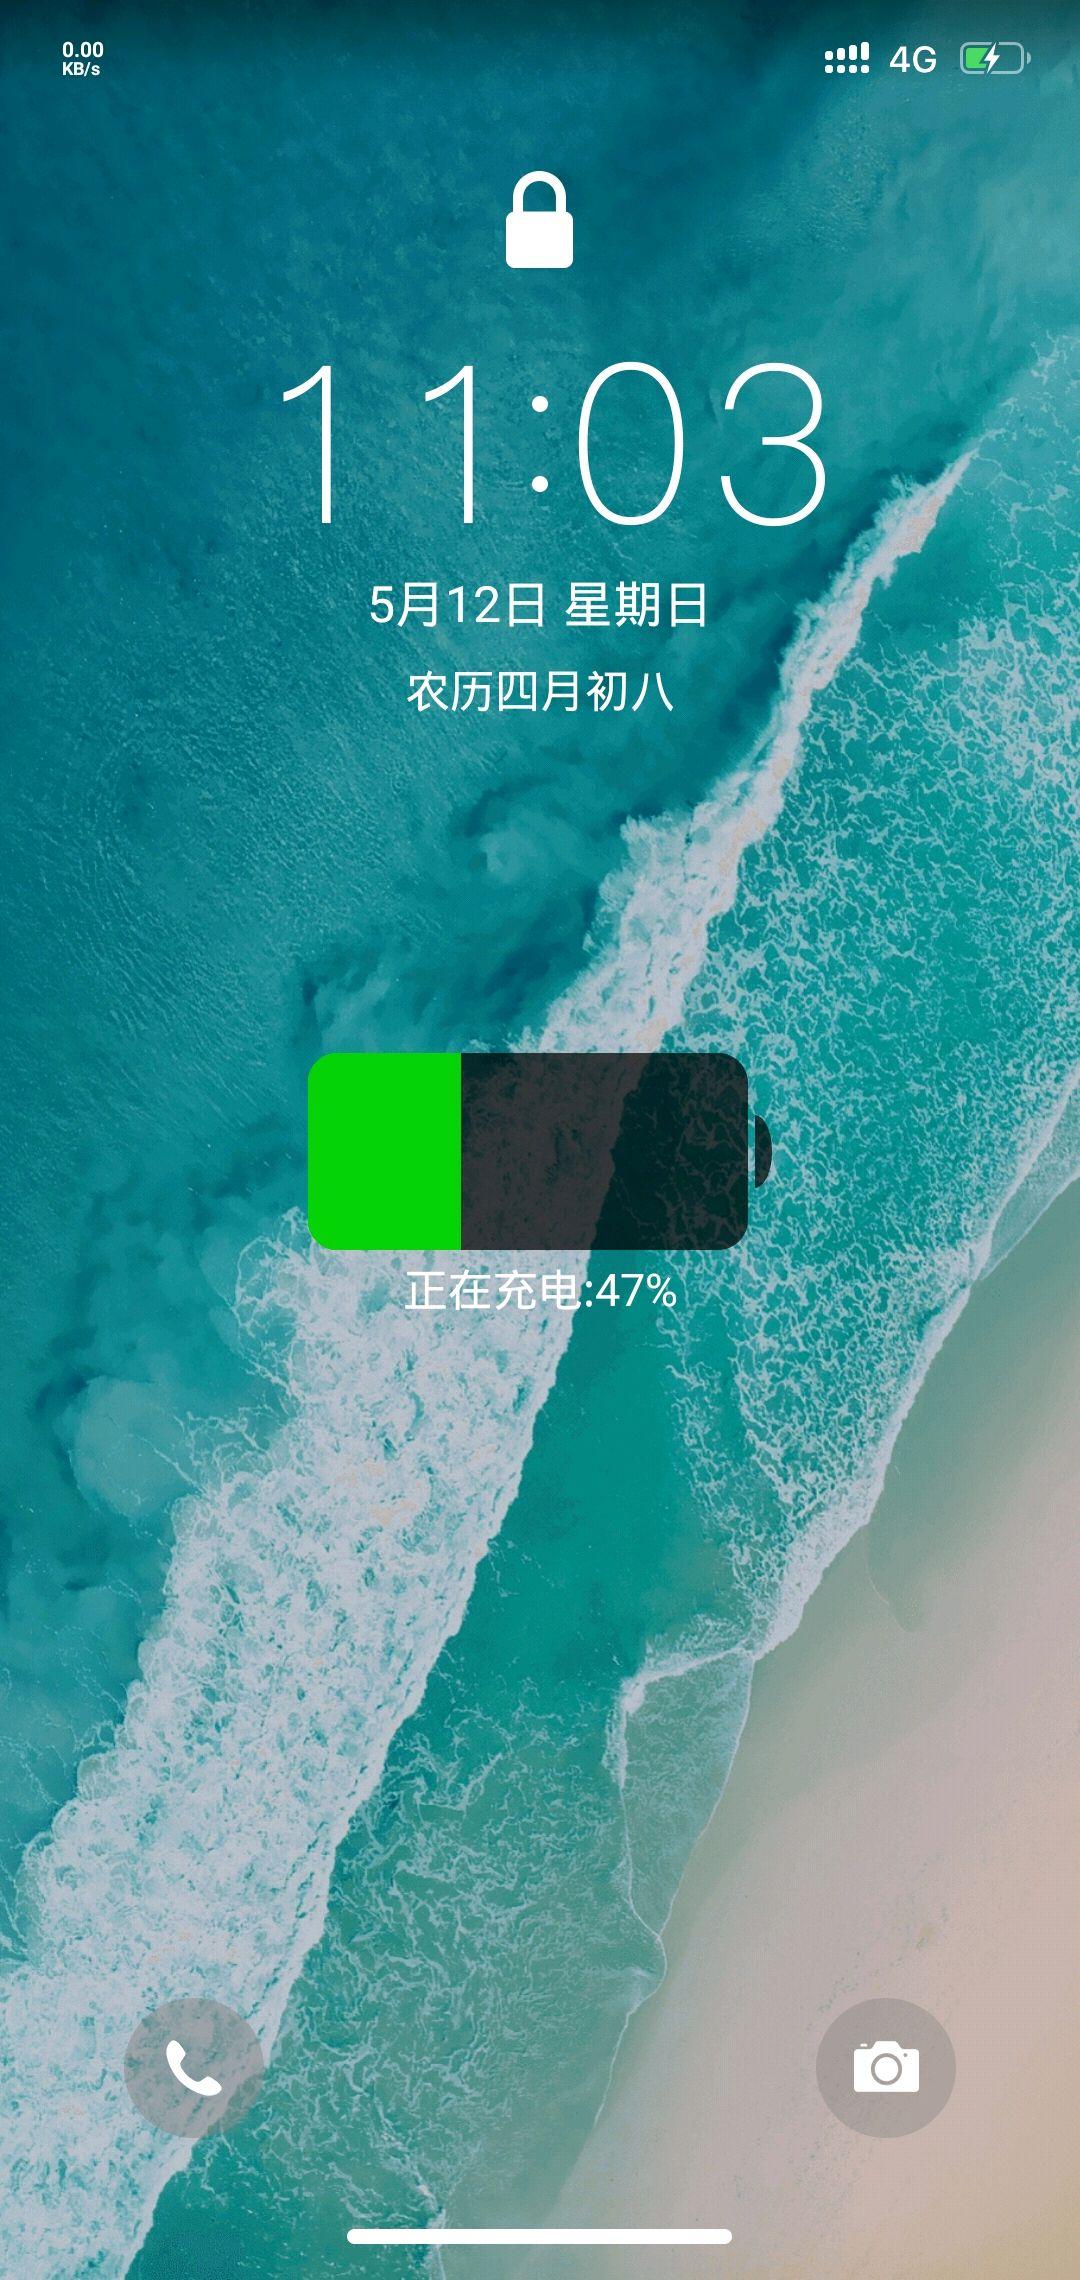 Screenshot_20190512_110321.jpg